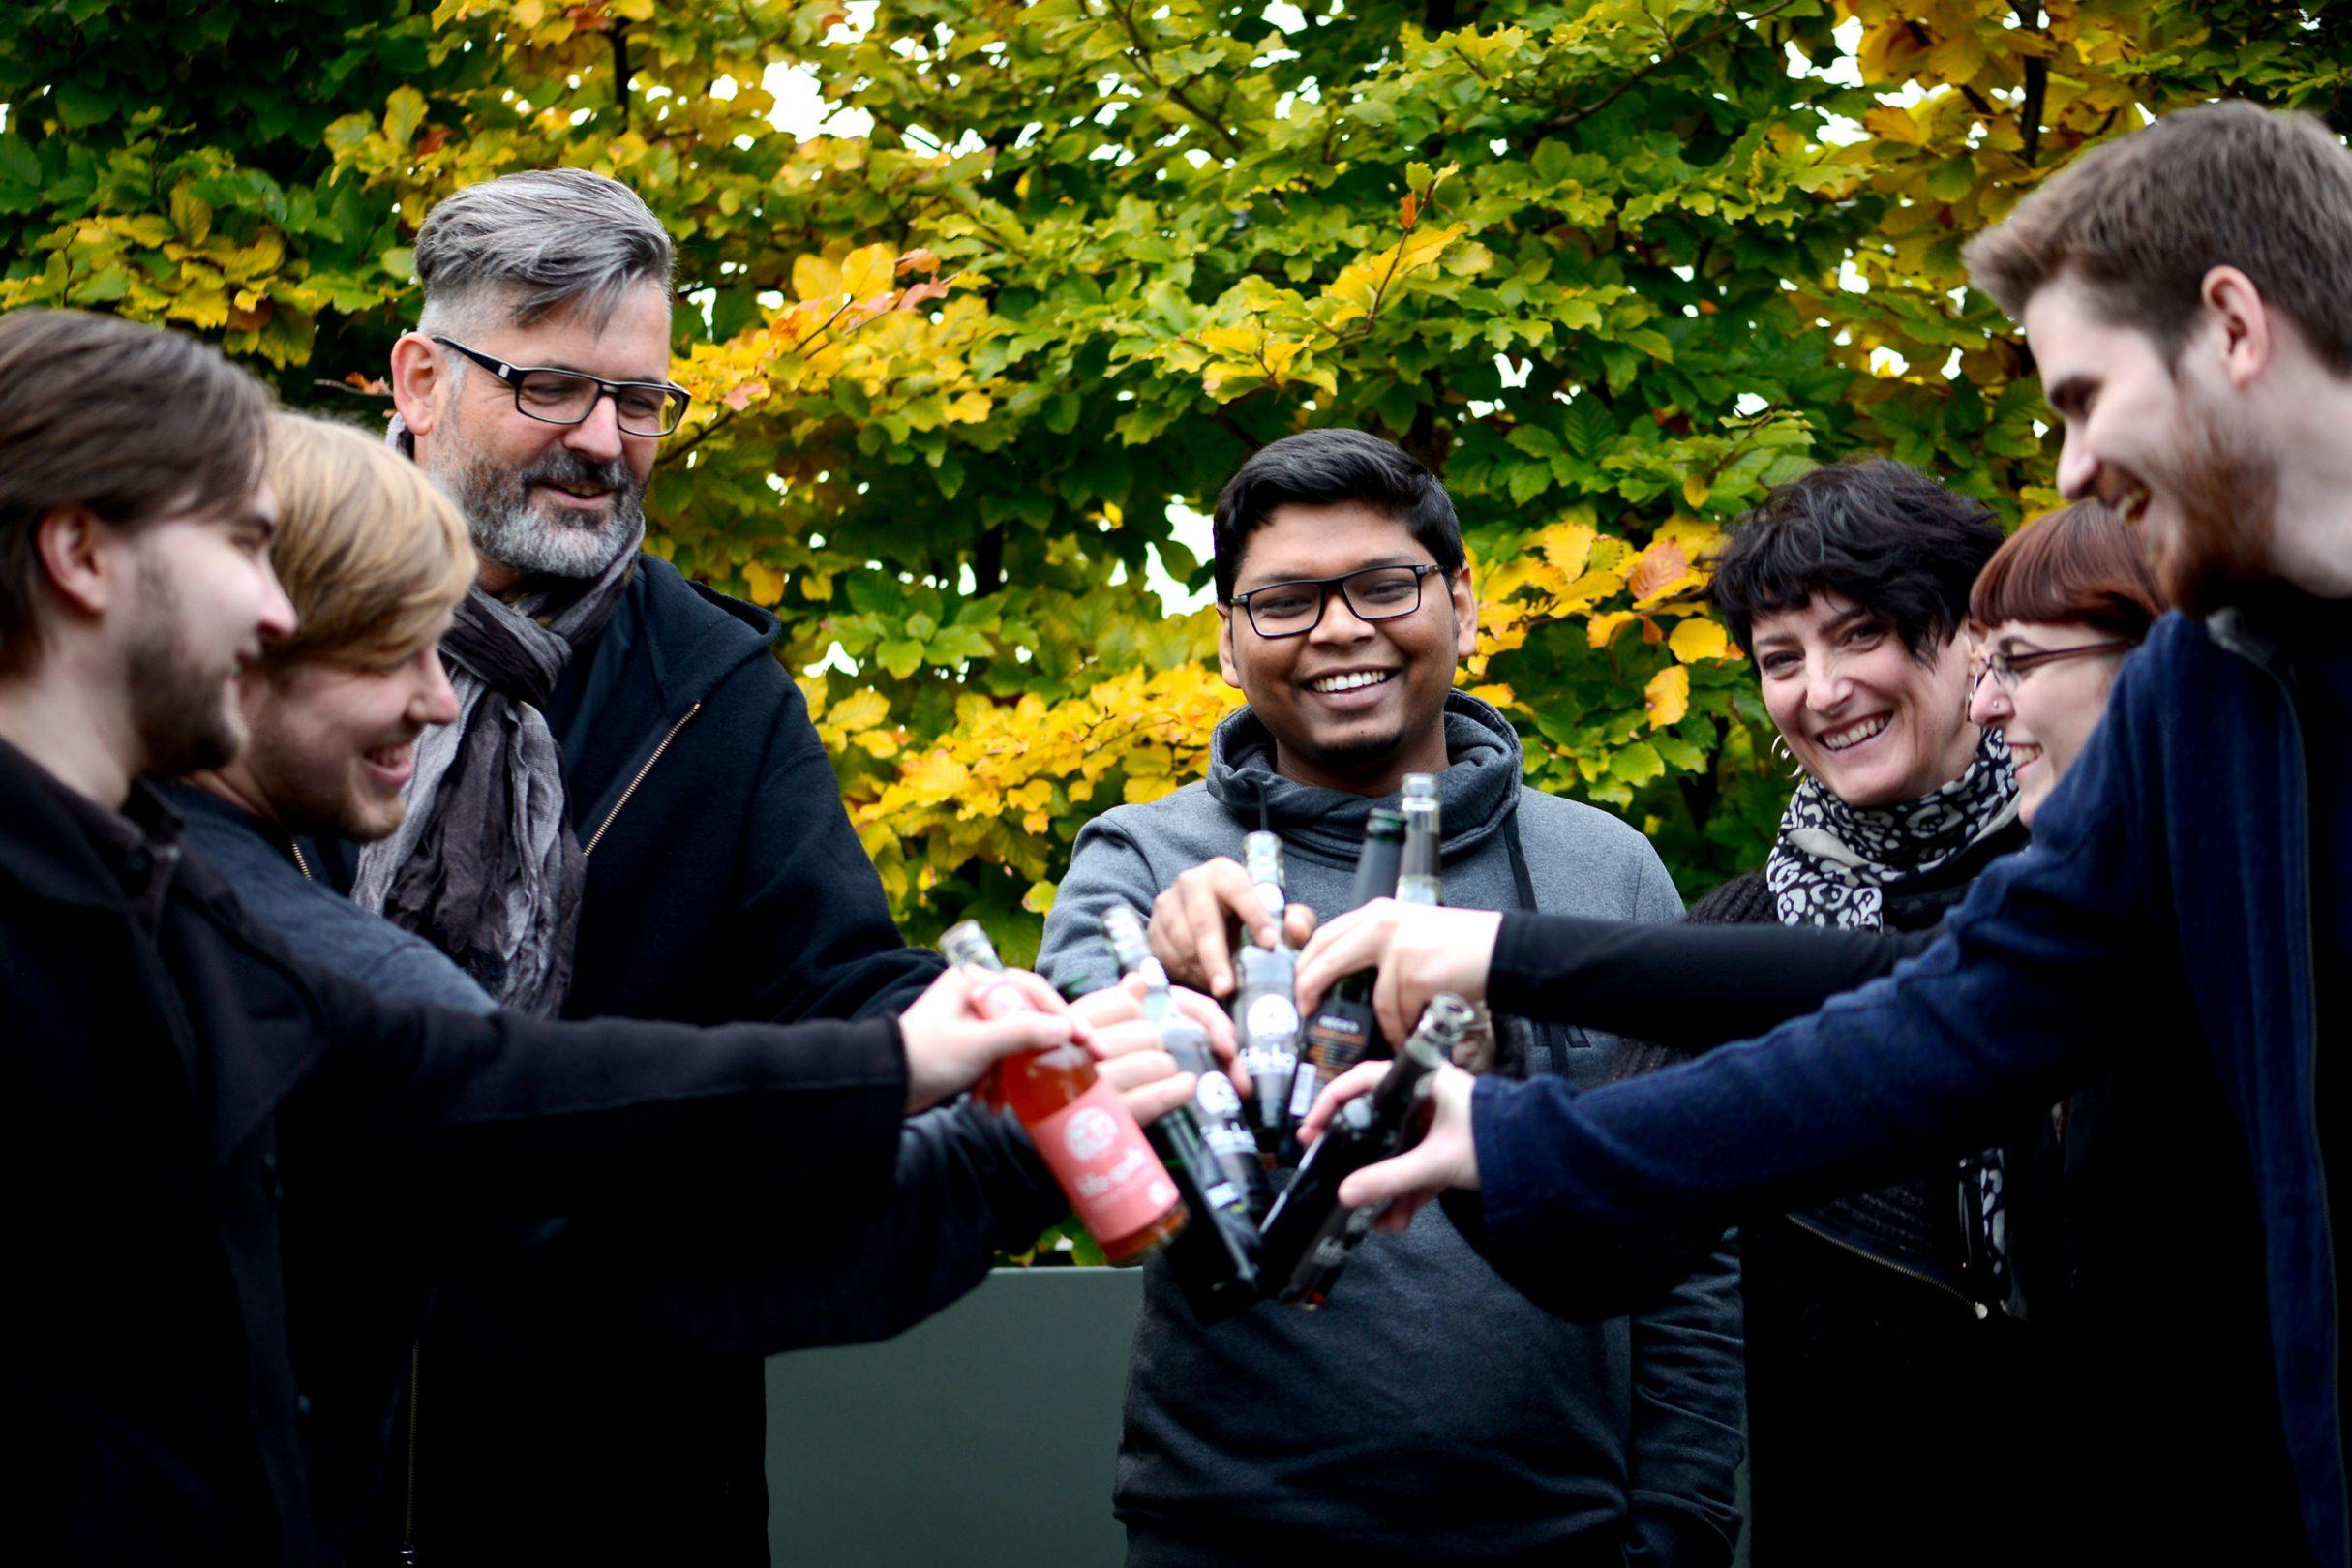 Grillparty Gruppenfoto: DIE NEUDENKER® Agentur, Darmstadt